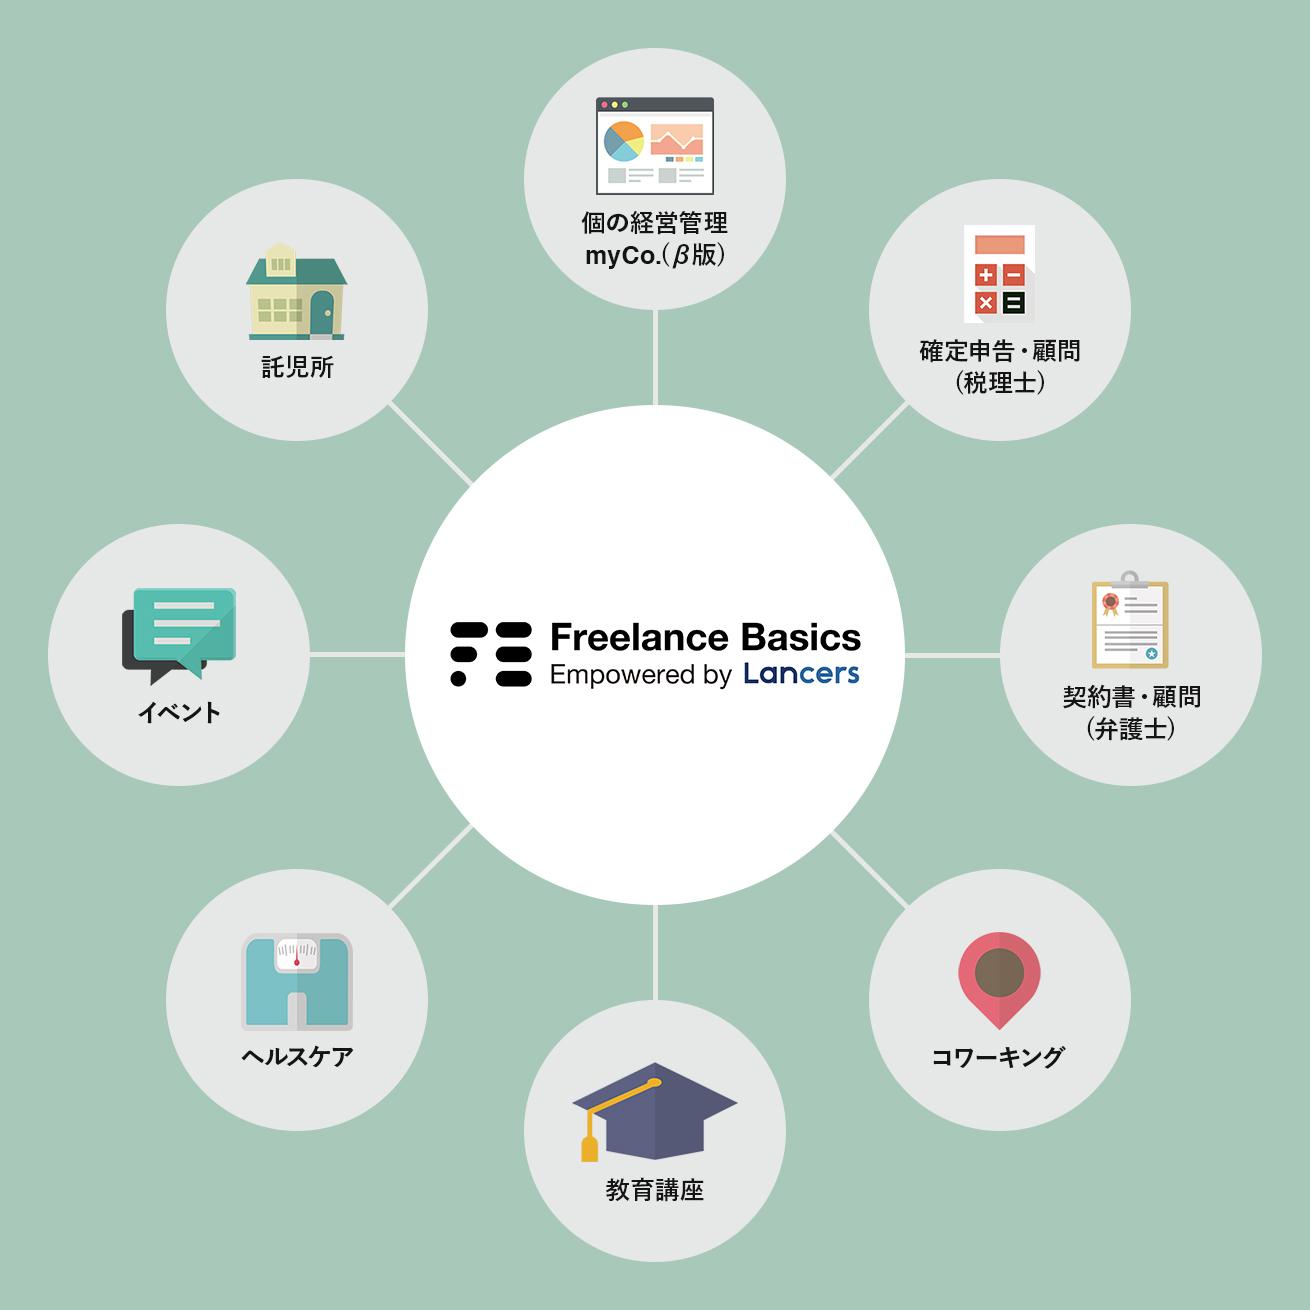 フリーランスベーシックスサービス体系図